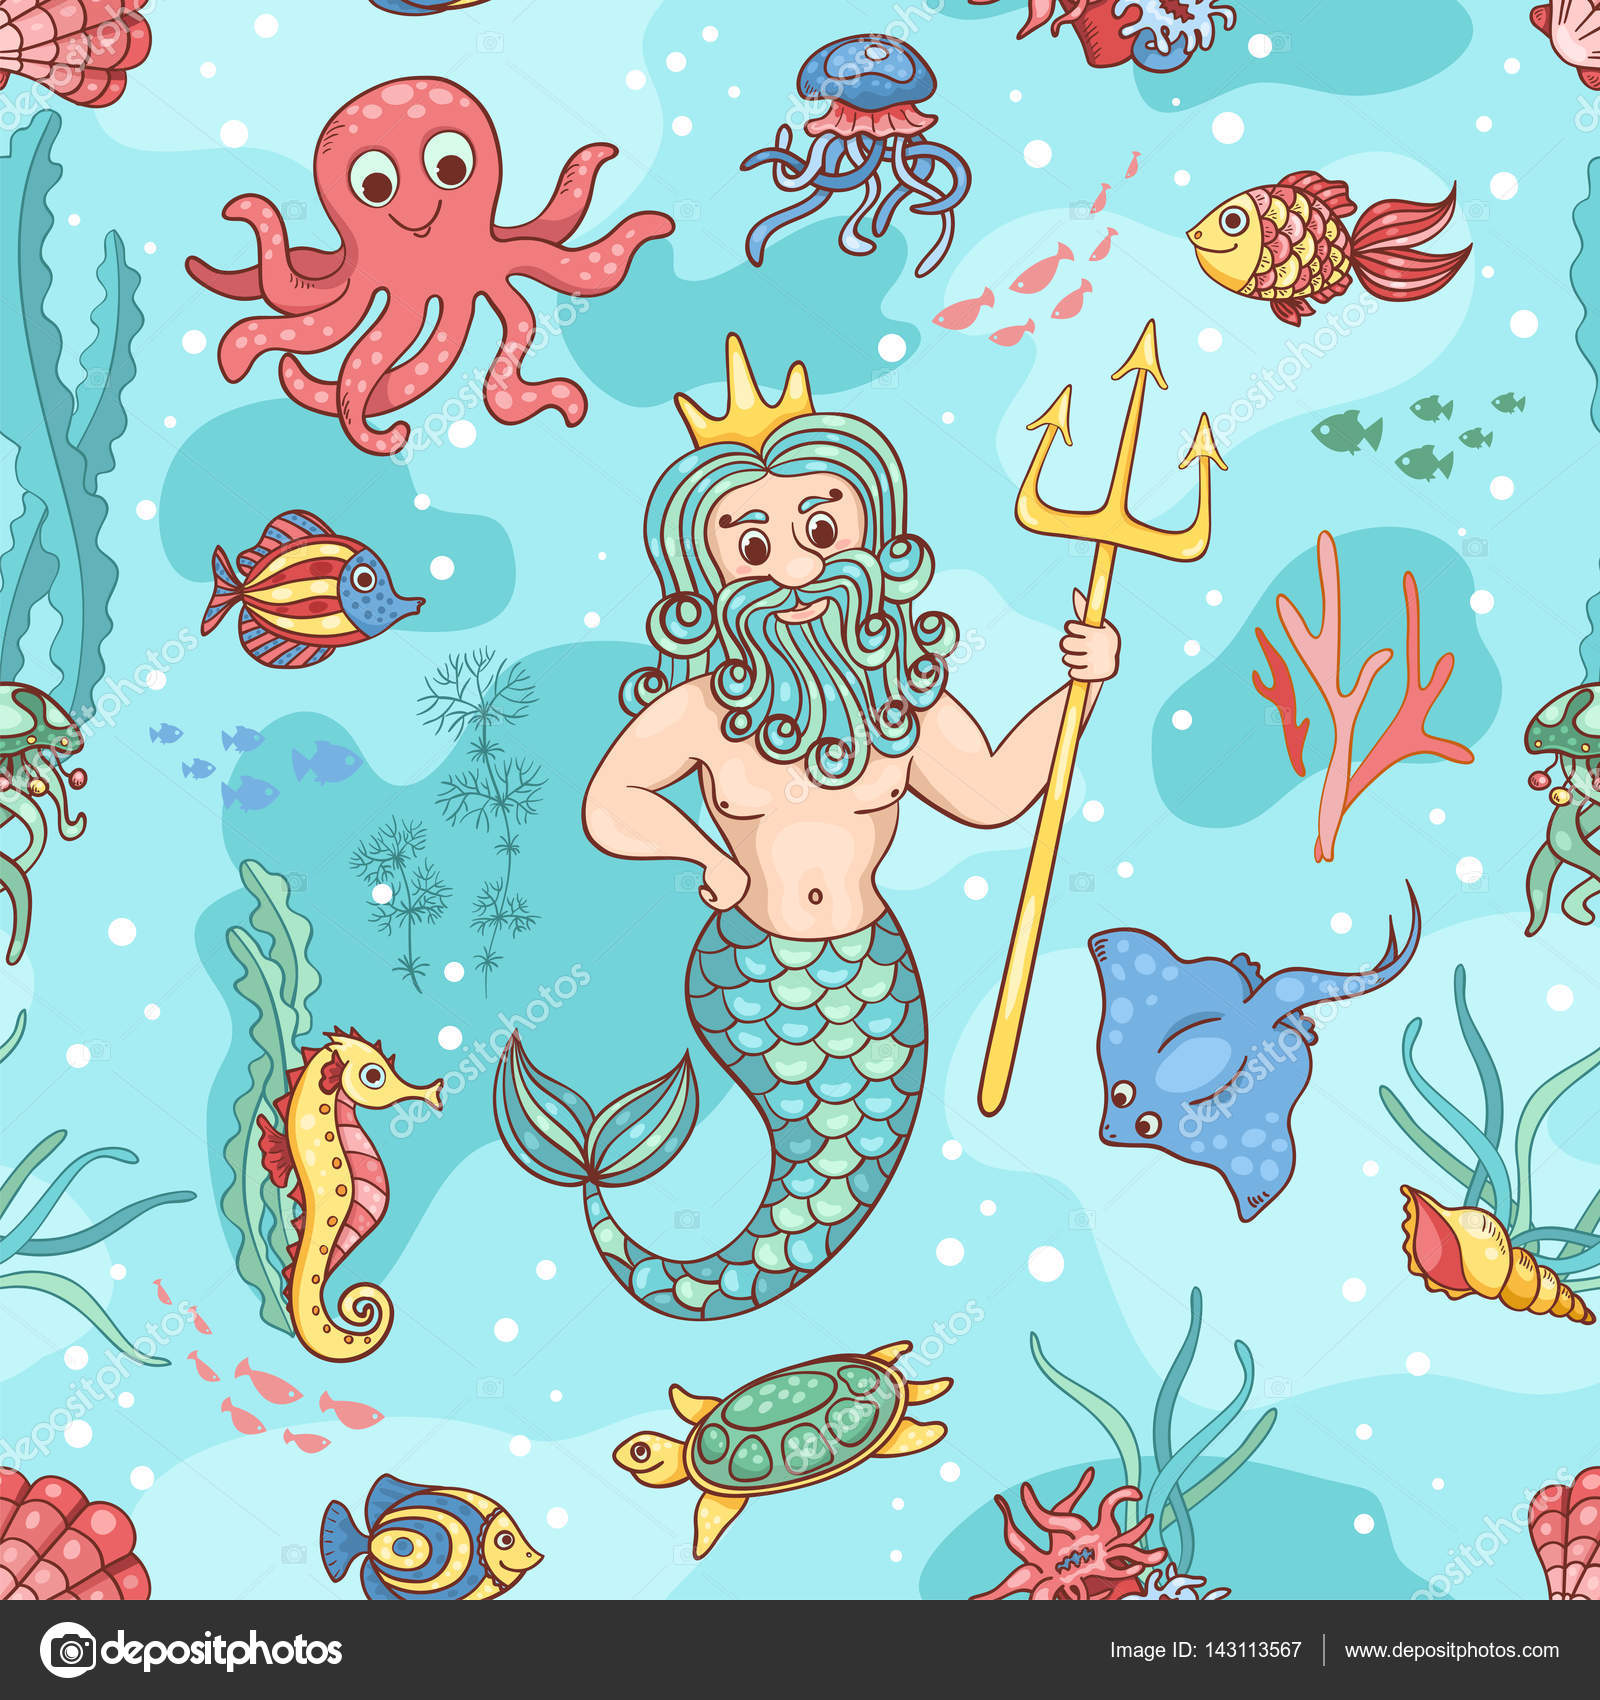 снимки, которые картинки морского царя или подводное царство утолщенной